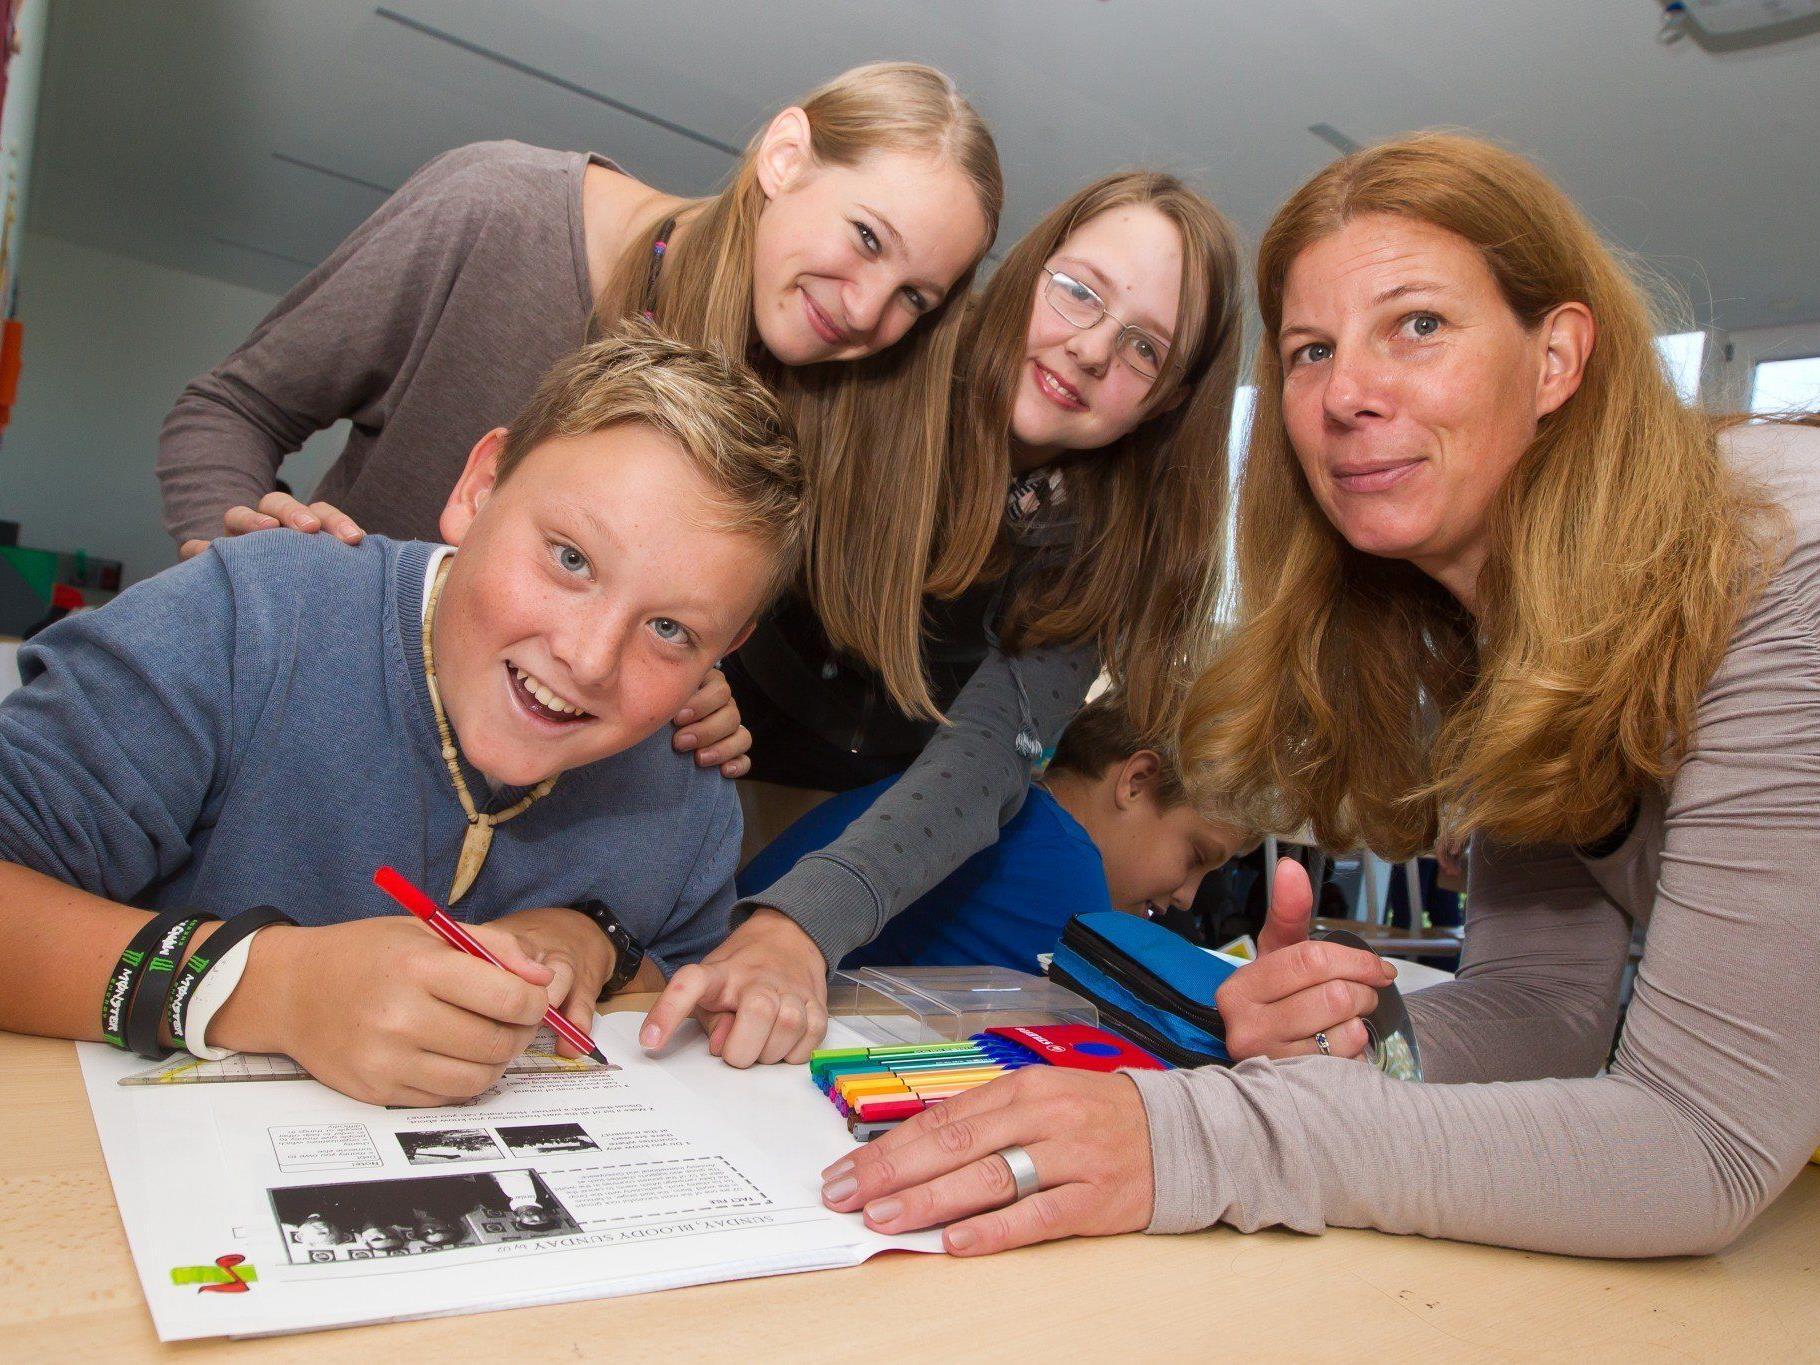 Auf gemeinde.vol.at könnt Ihr über Aktionen, Veranstaltungen und Projekte aus eurer Schule berichten.